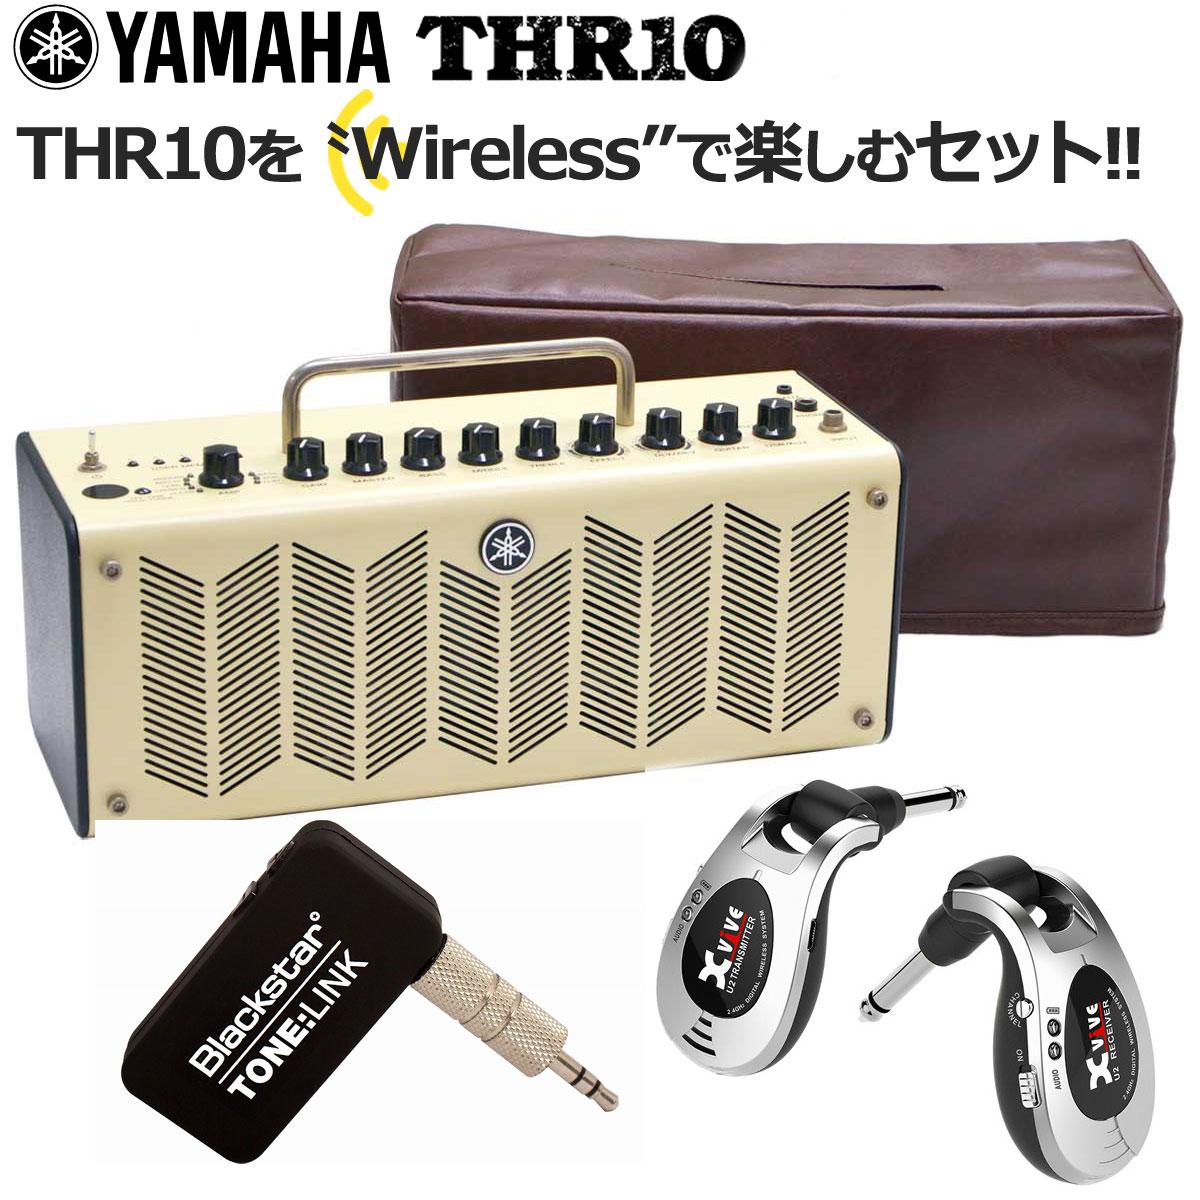 YAMAHA / THR10 【Wirelessで楽しむセット】ヤマハ ギターアンプ ワイアレス ブルートゥース